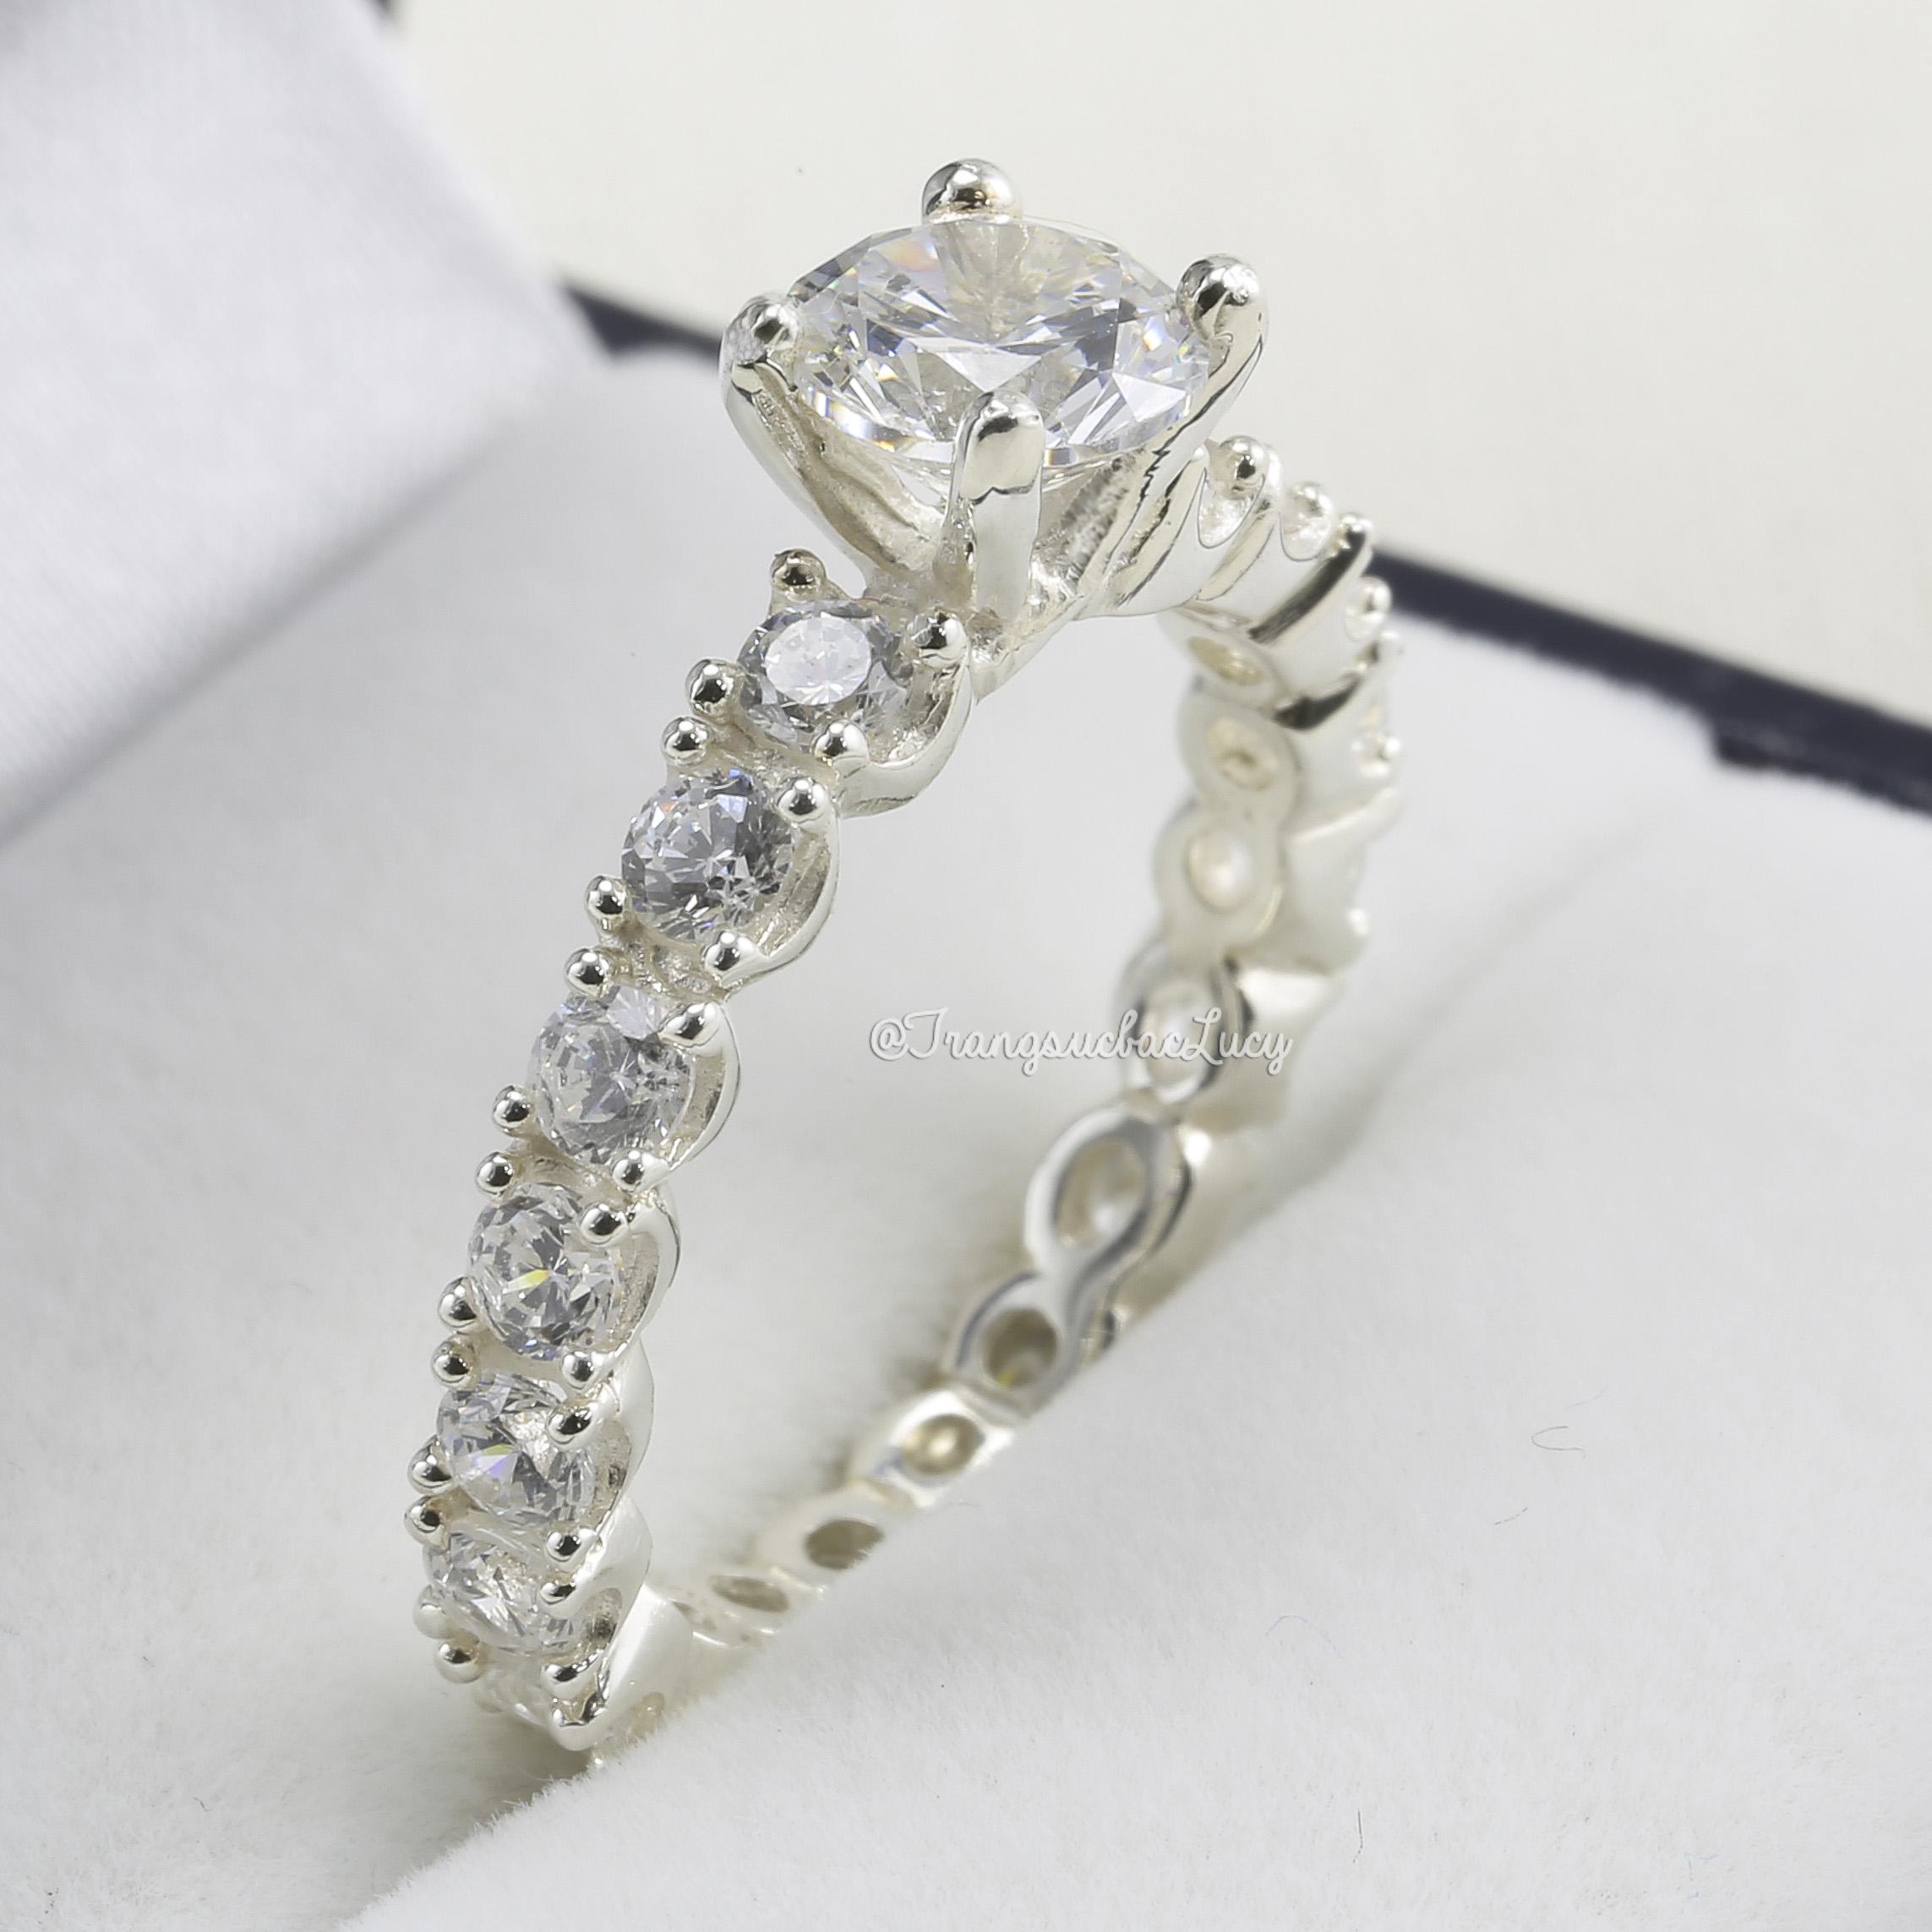 Nhẫn bạc nữ đẹp - RW158